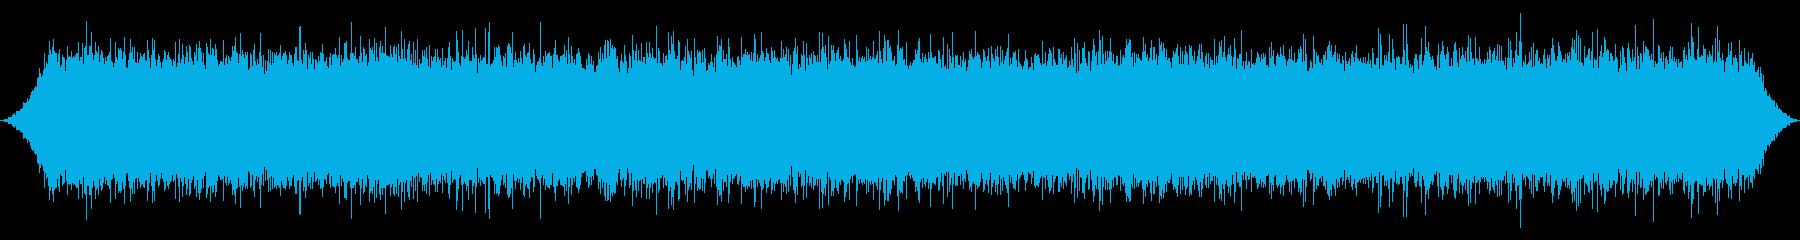 水カルバート:中程度の中空のうねる流れの再生済みの波形